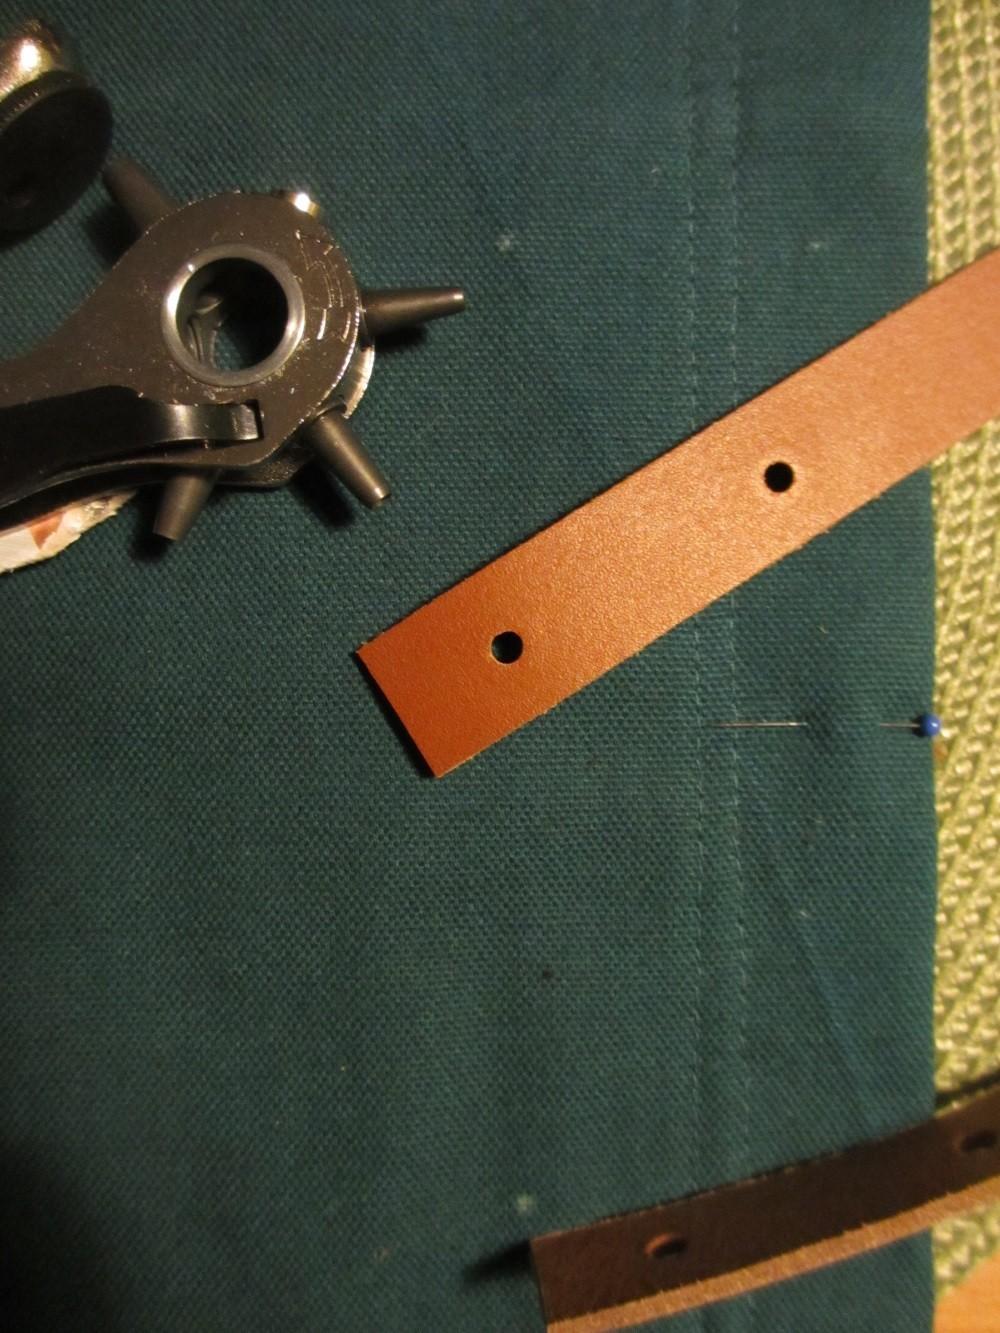 In die Lederhenkel werden mit einer Lochzange Löcher für die Buchschrauben gestanzt.